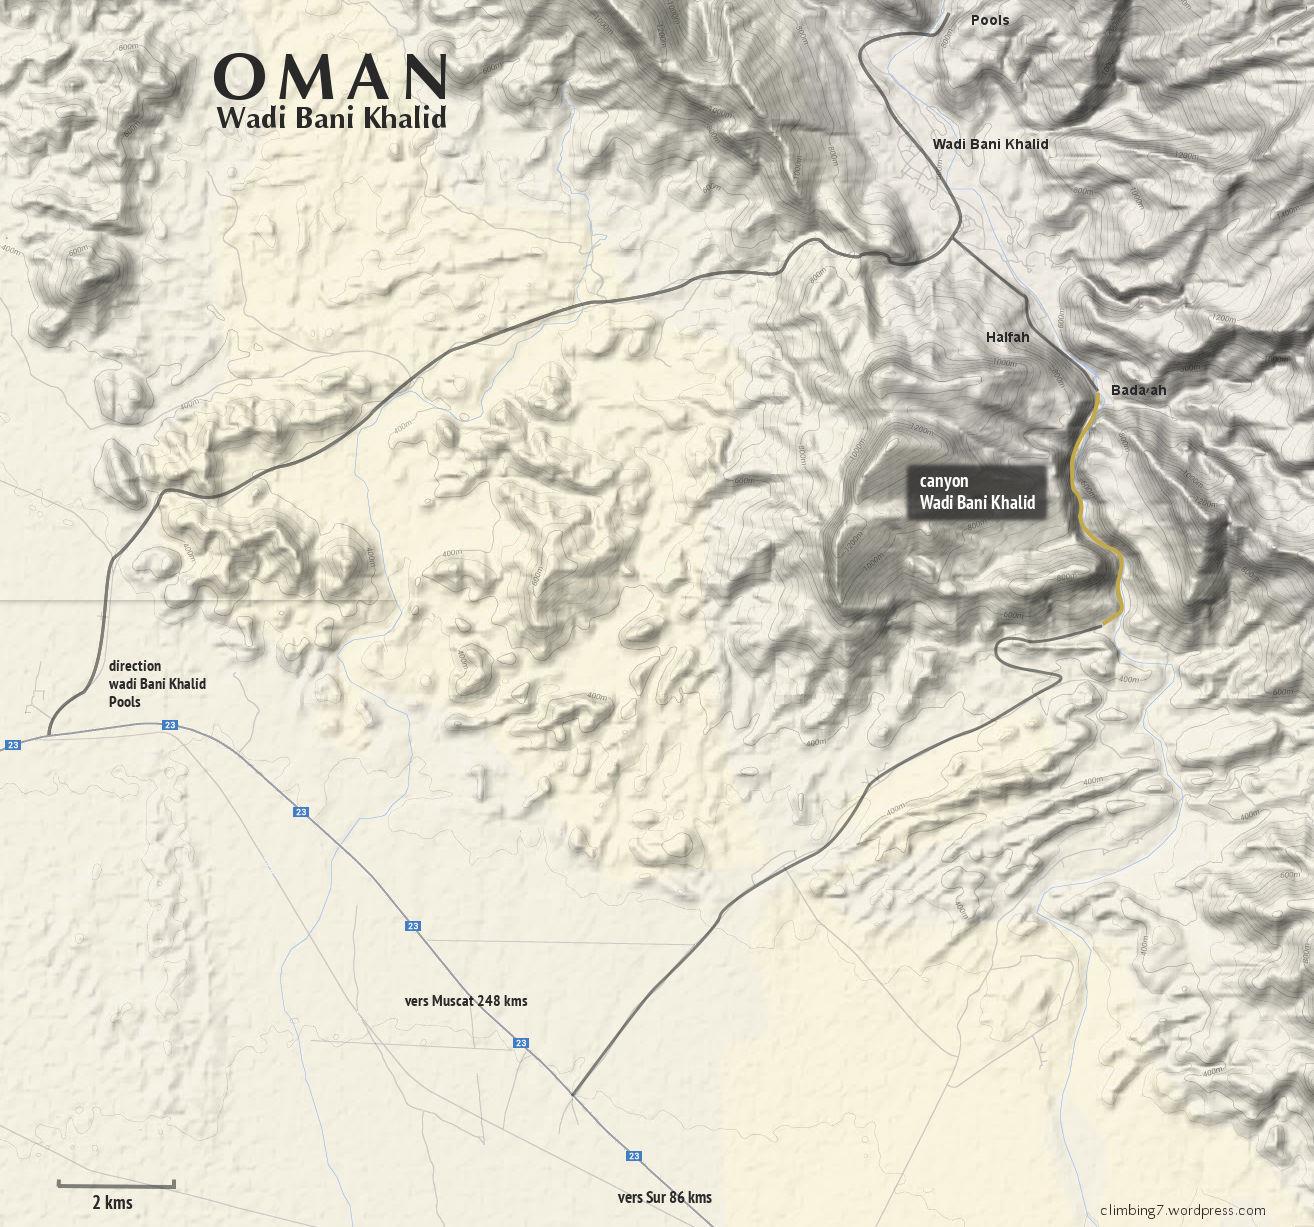 1-accc3a8s-canyon-wadi-bani-khalid.jpg